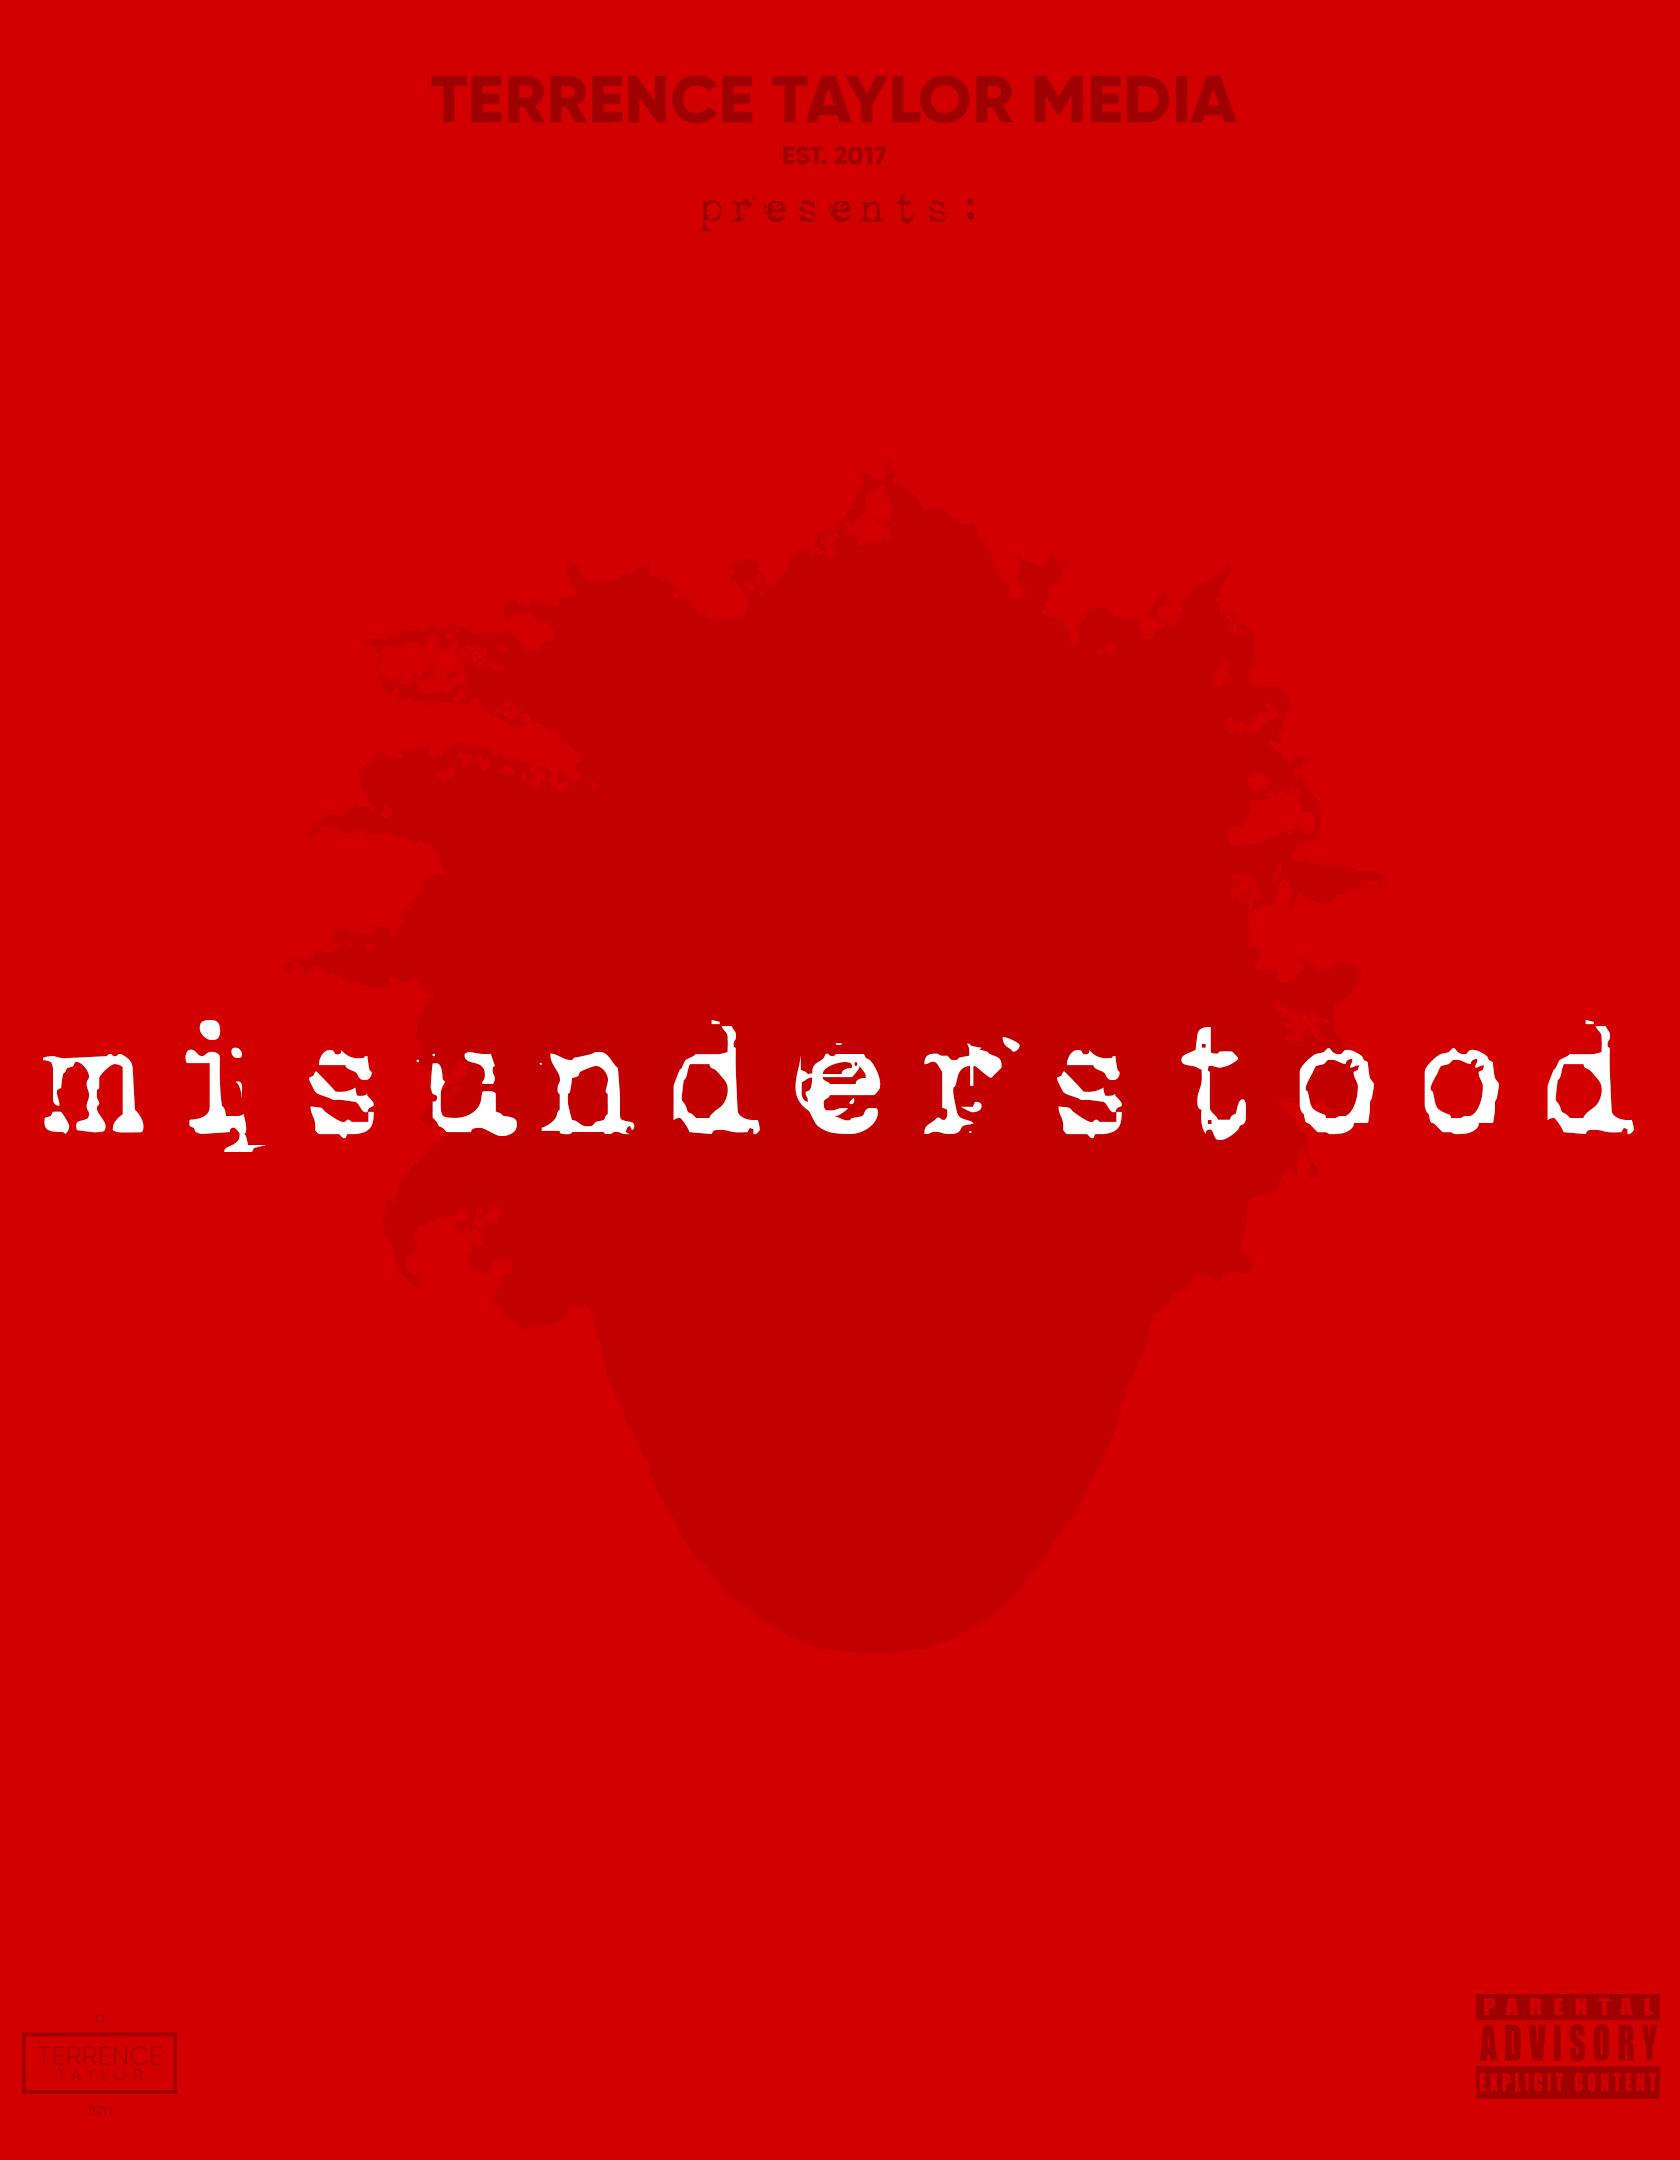 MISUNDERSTOOD - COVER.jpg